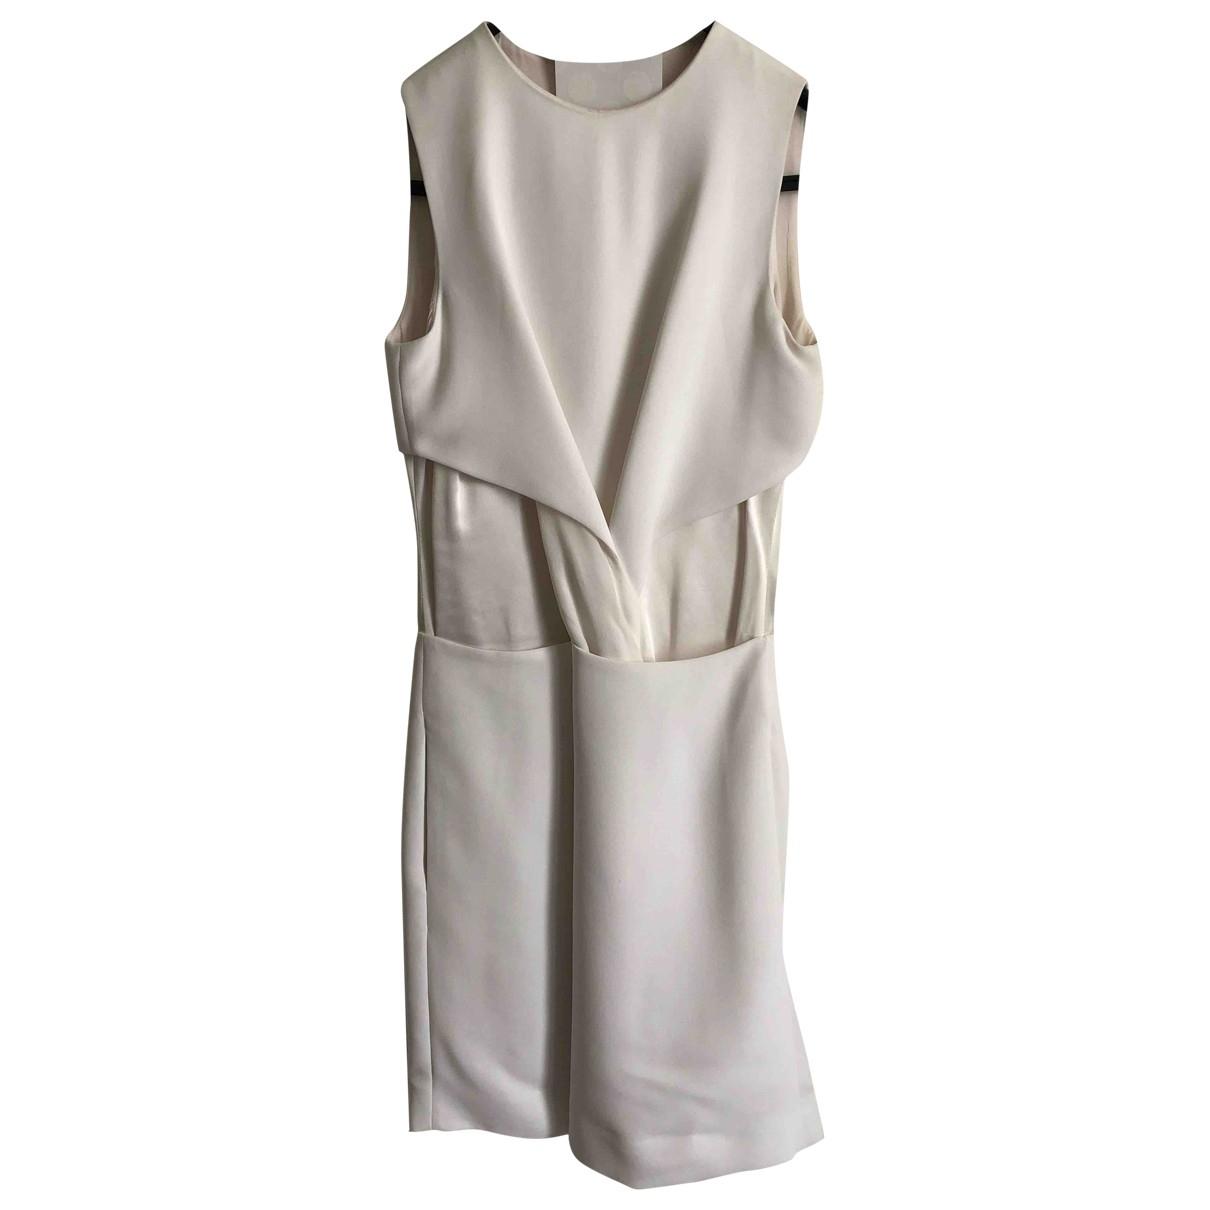 Victoria, Victoria Beckham \N Kleid in  Weiss Polyester